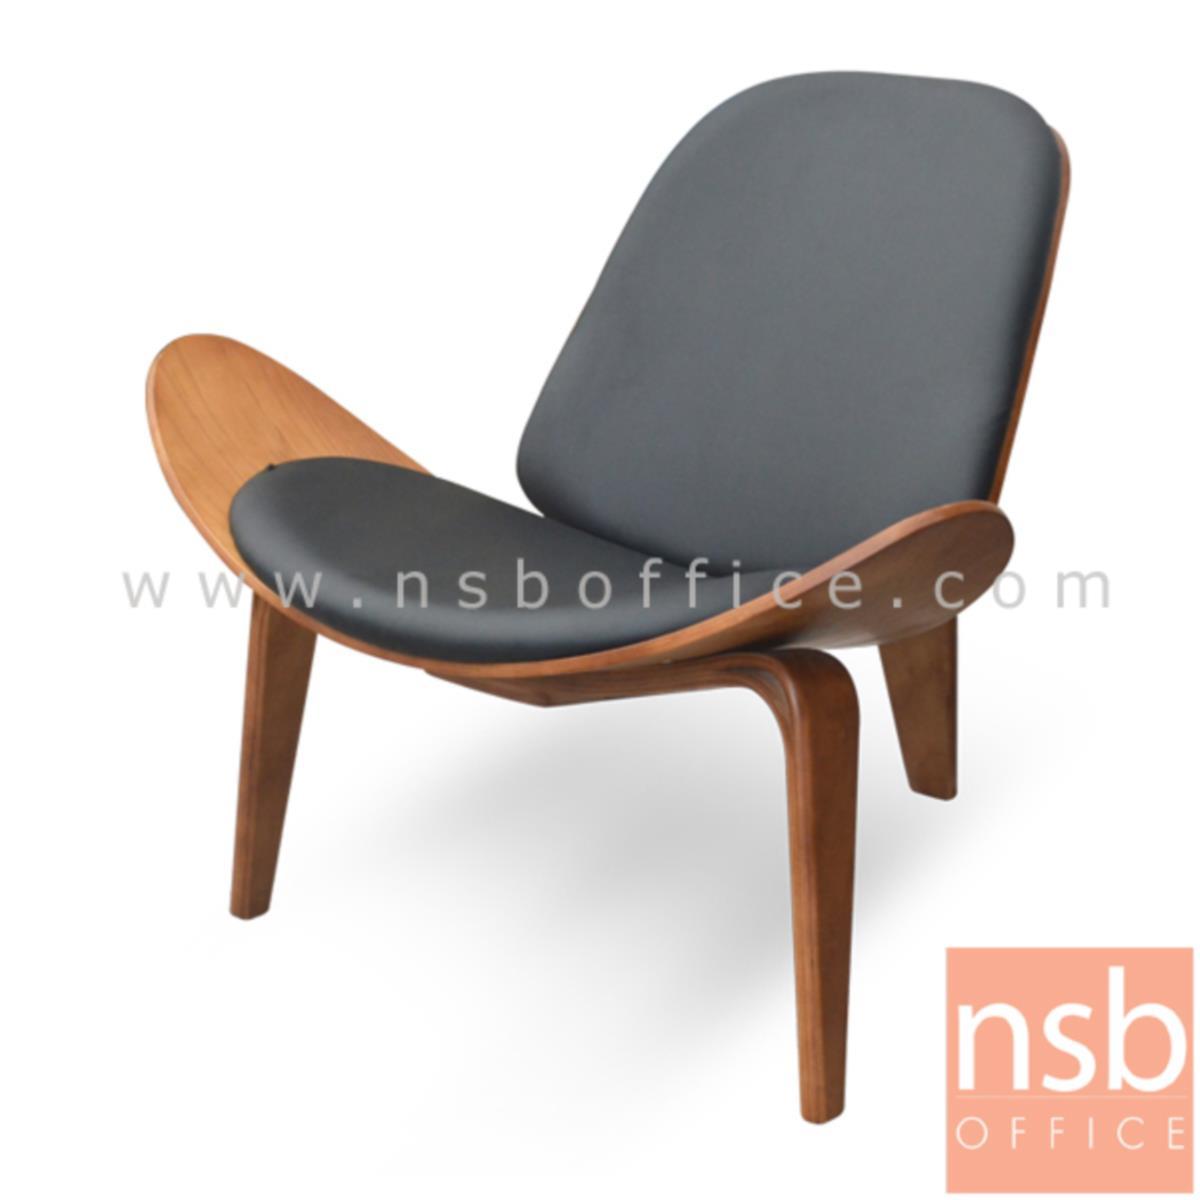 B29A179:เก้าอี้โมเดิร์นหนัง PU รุ่น Jarlaf (จาร์ลาฟ) ขนาด 90.5W cm. โครงขาไม้